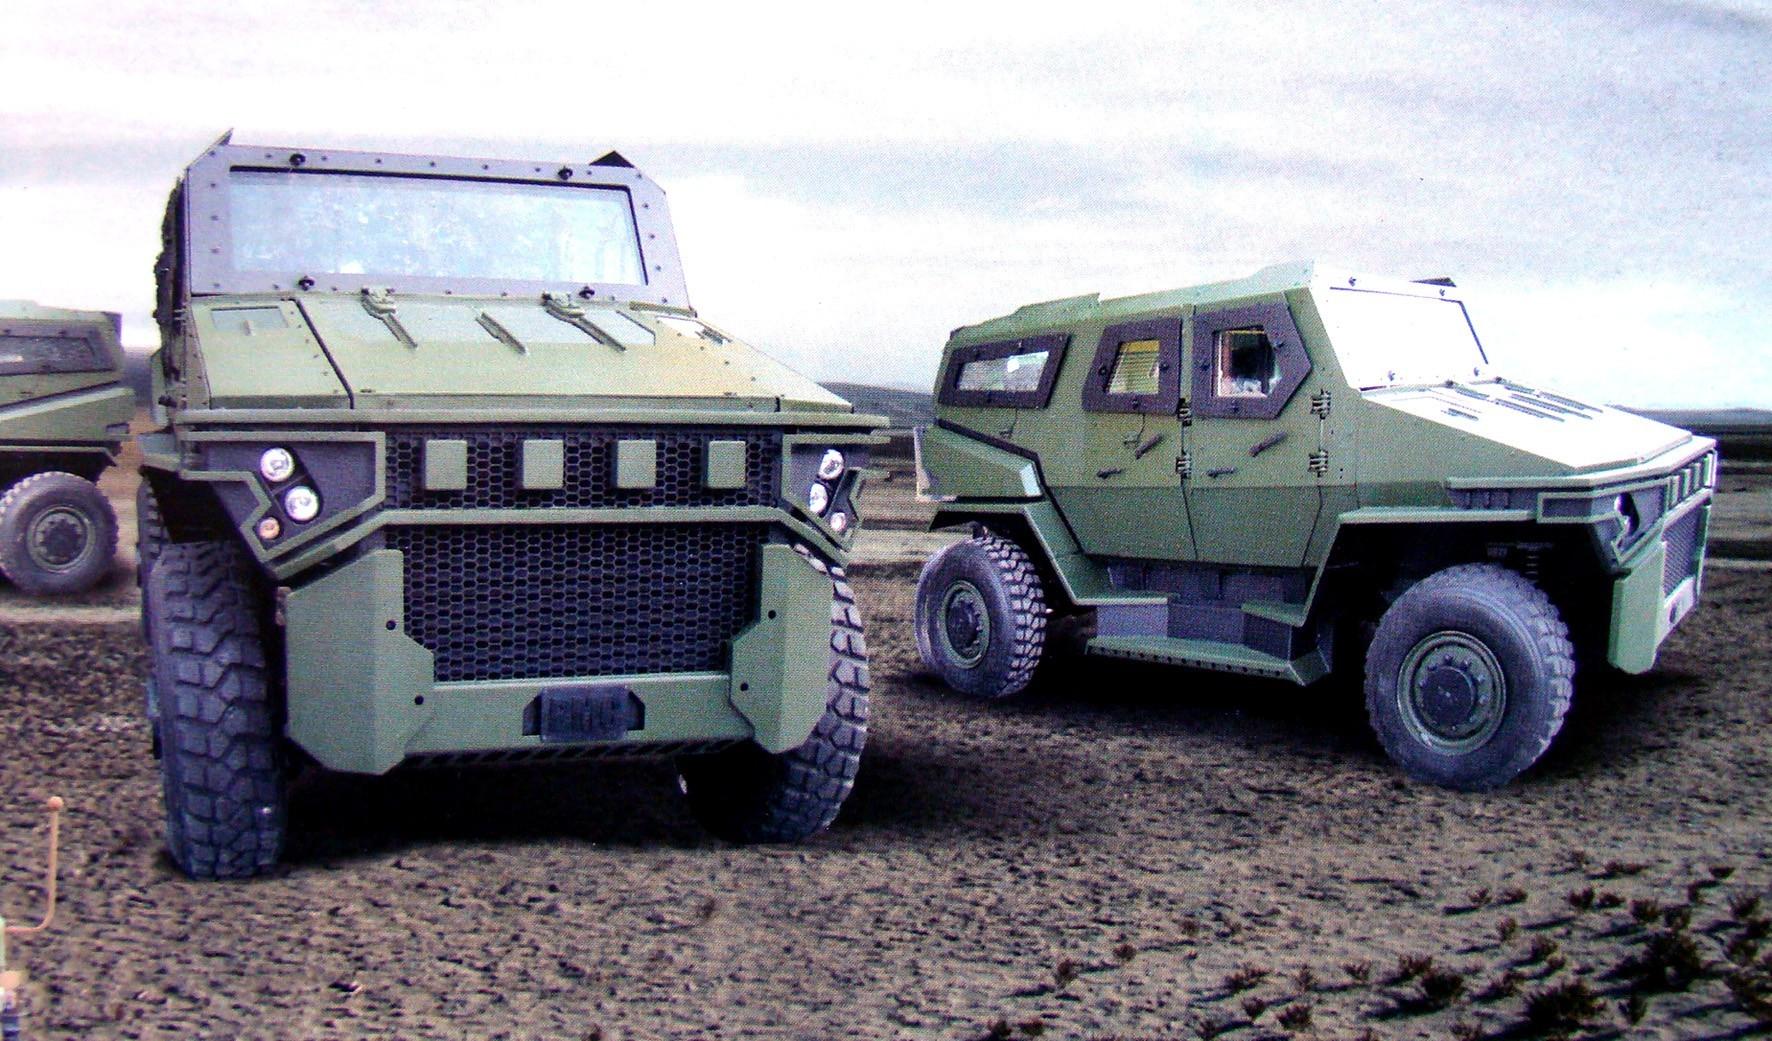 Легкая бронемашина ВМС 250-10Z Vuran с 4-дверным бронекорпусом